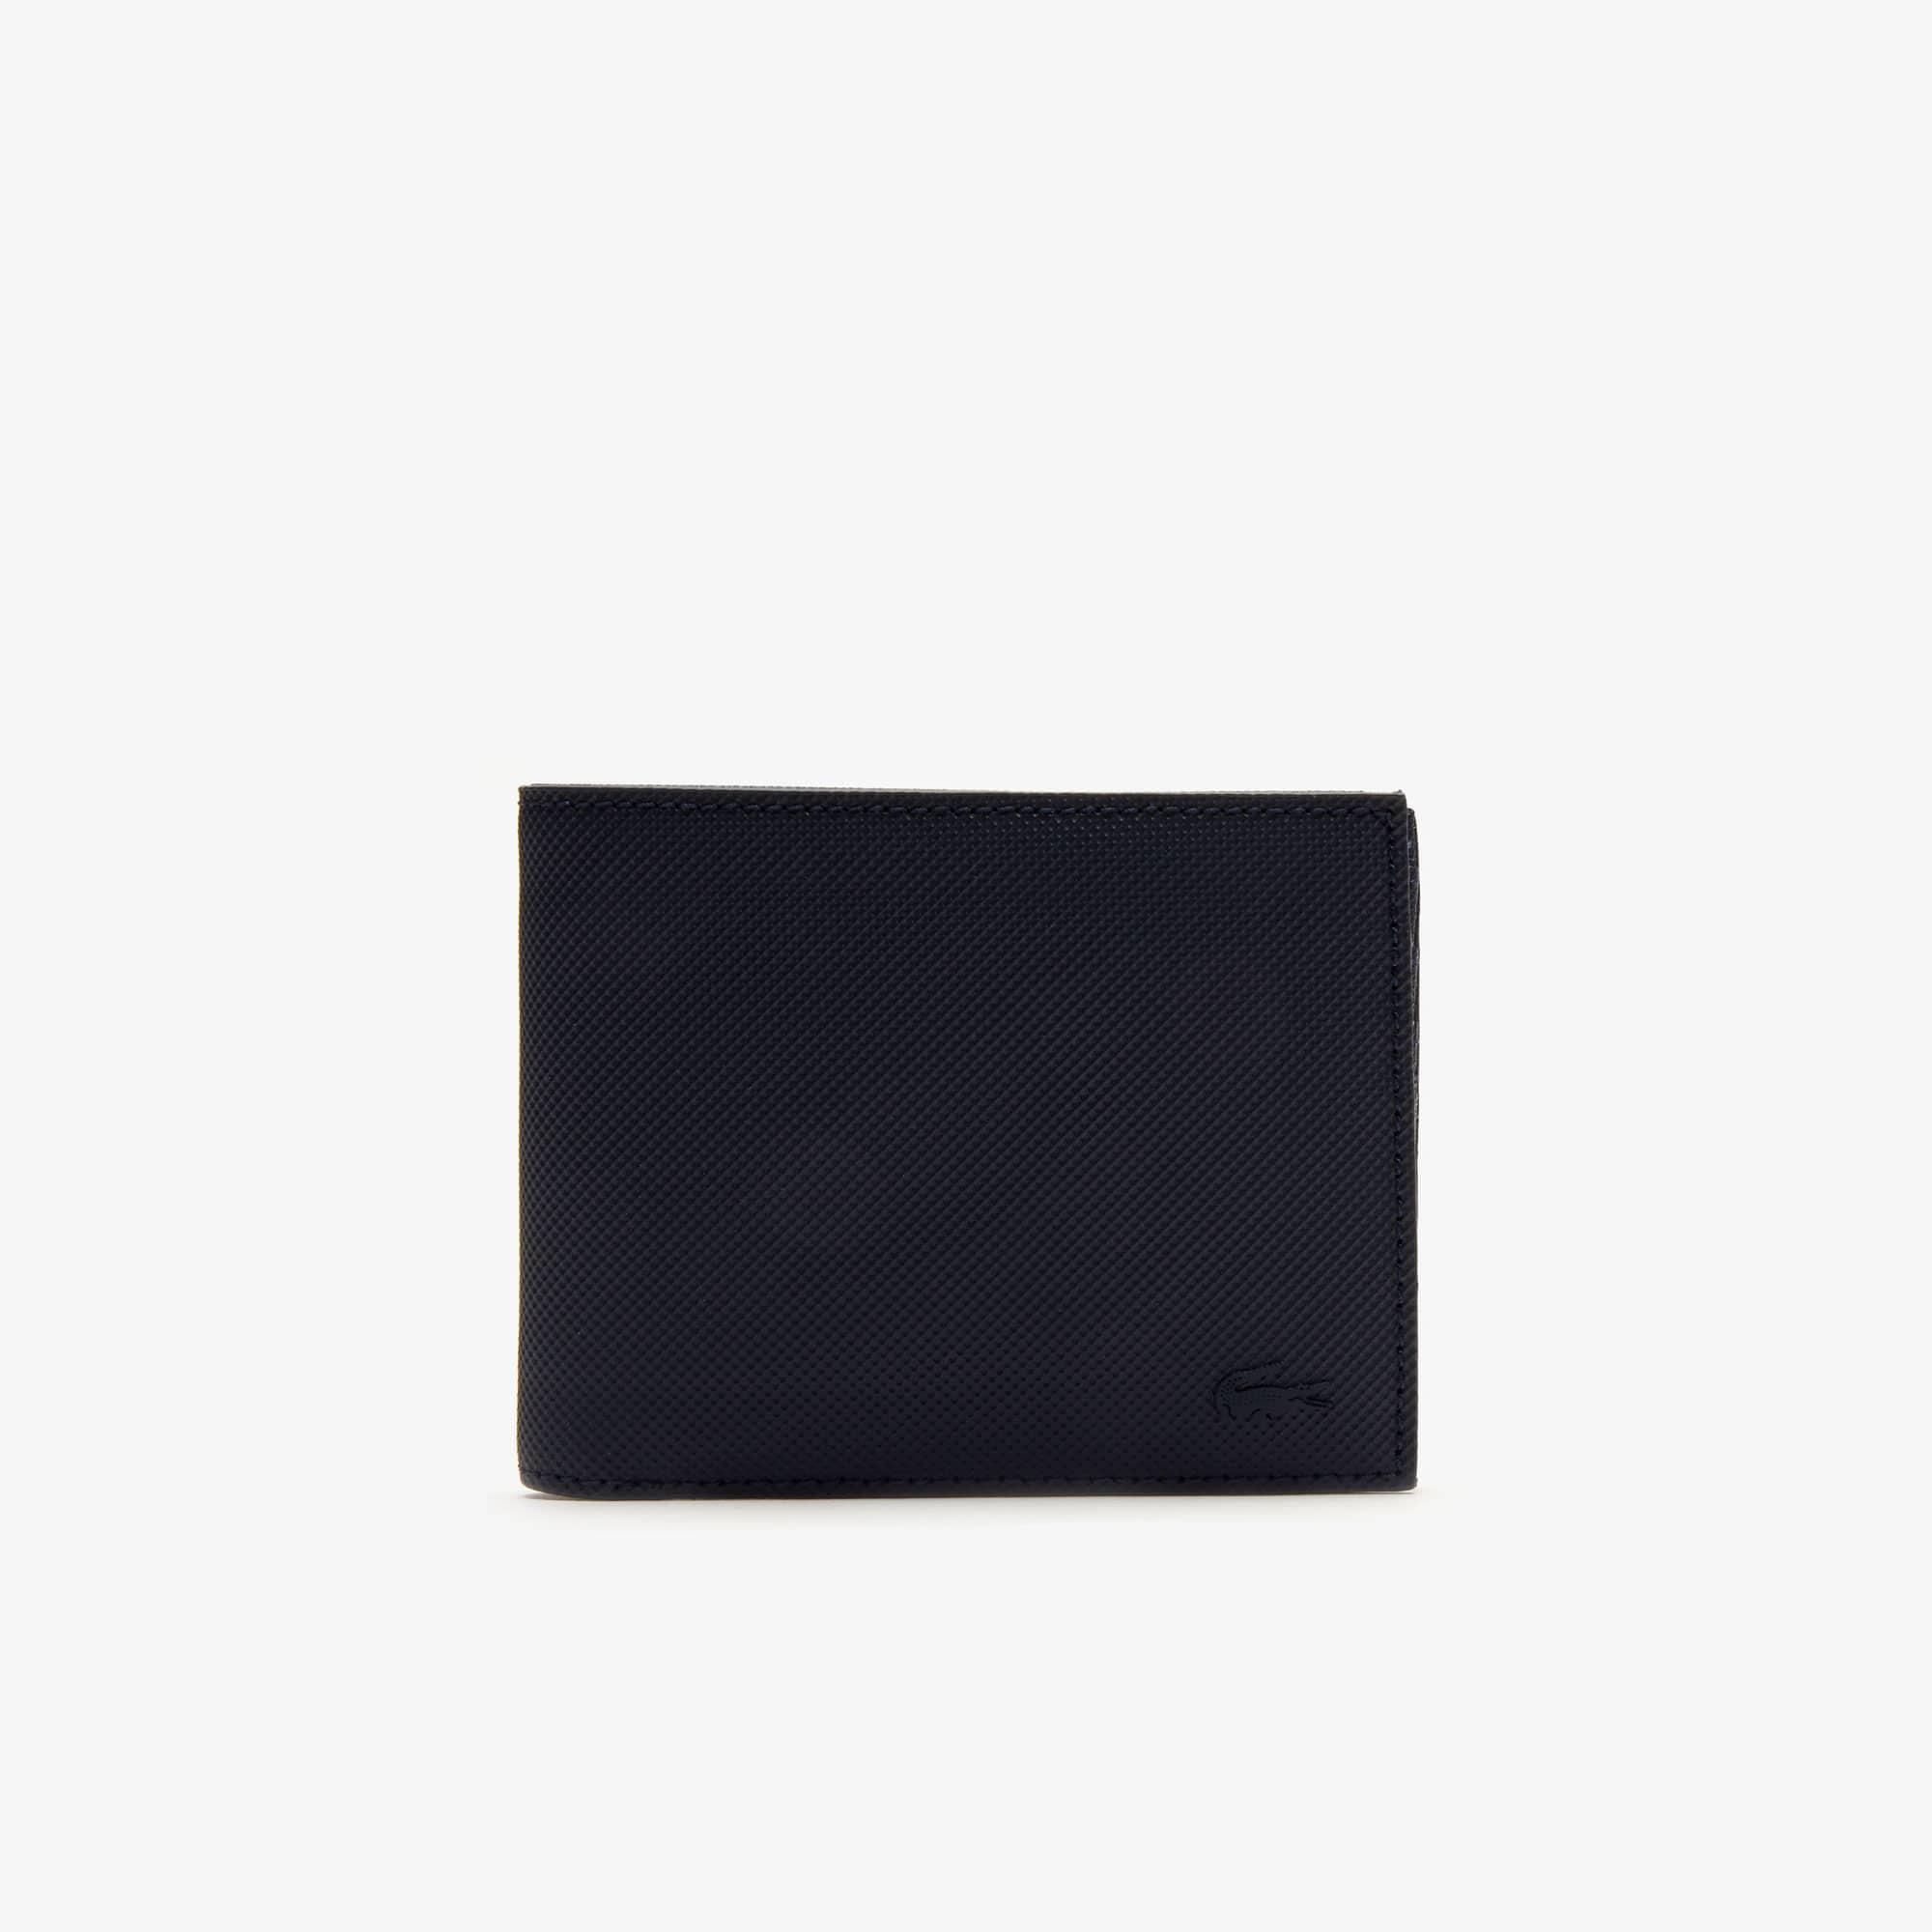 Herren-Brieftasche CLASSIC für sechs Karten aus Petit Piqué